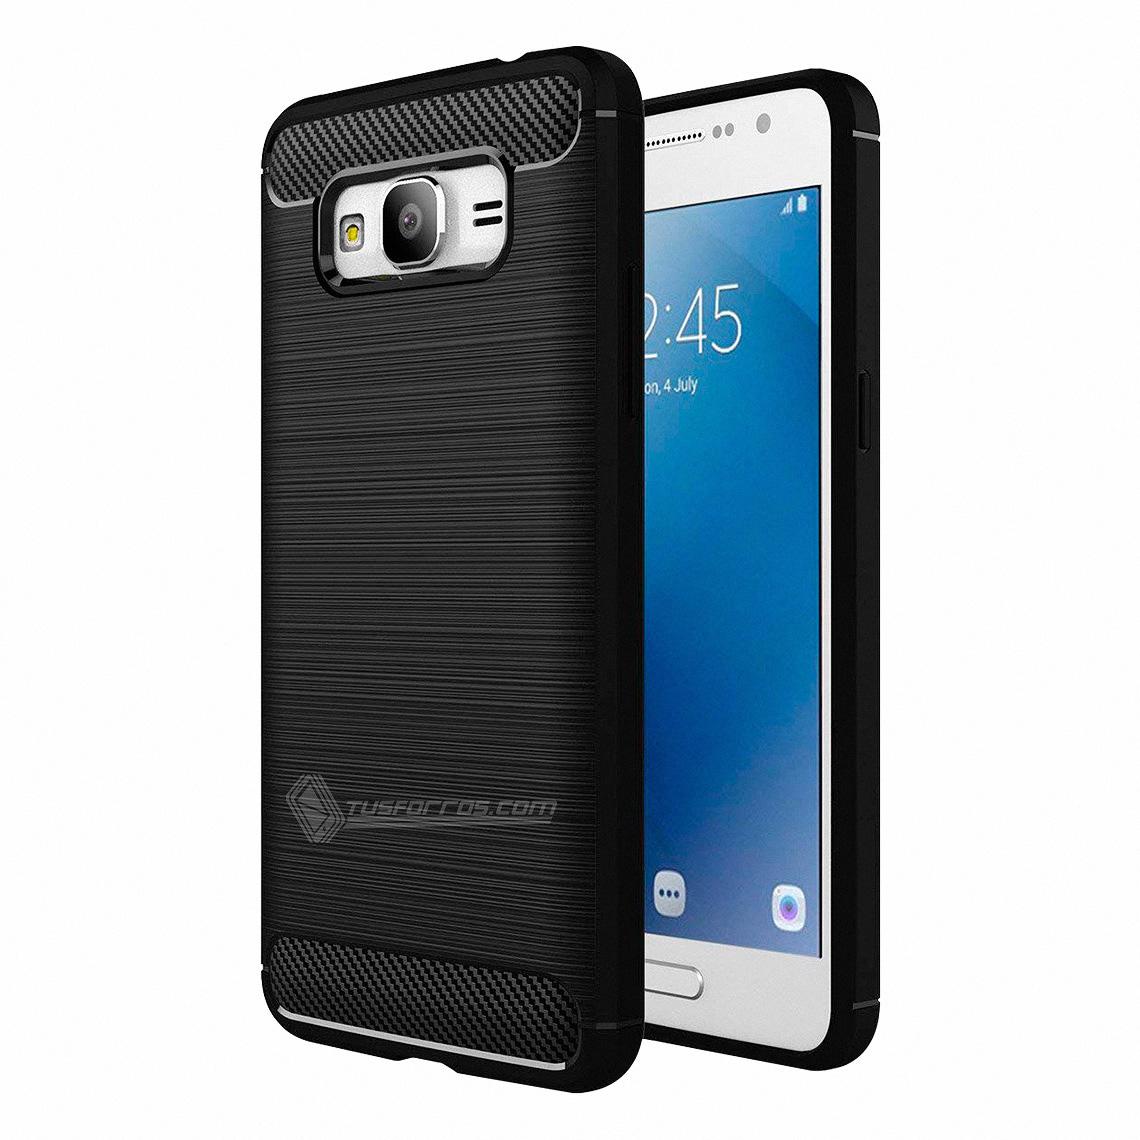 Samsung Galaxy J2 Prime Forro Fibra de Carbono Anti-Shock